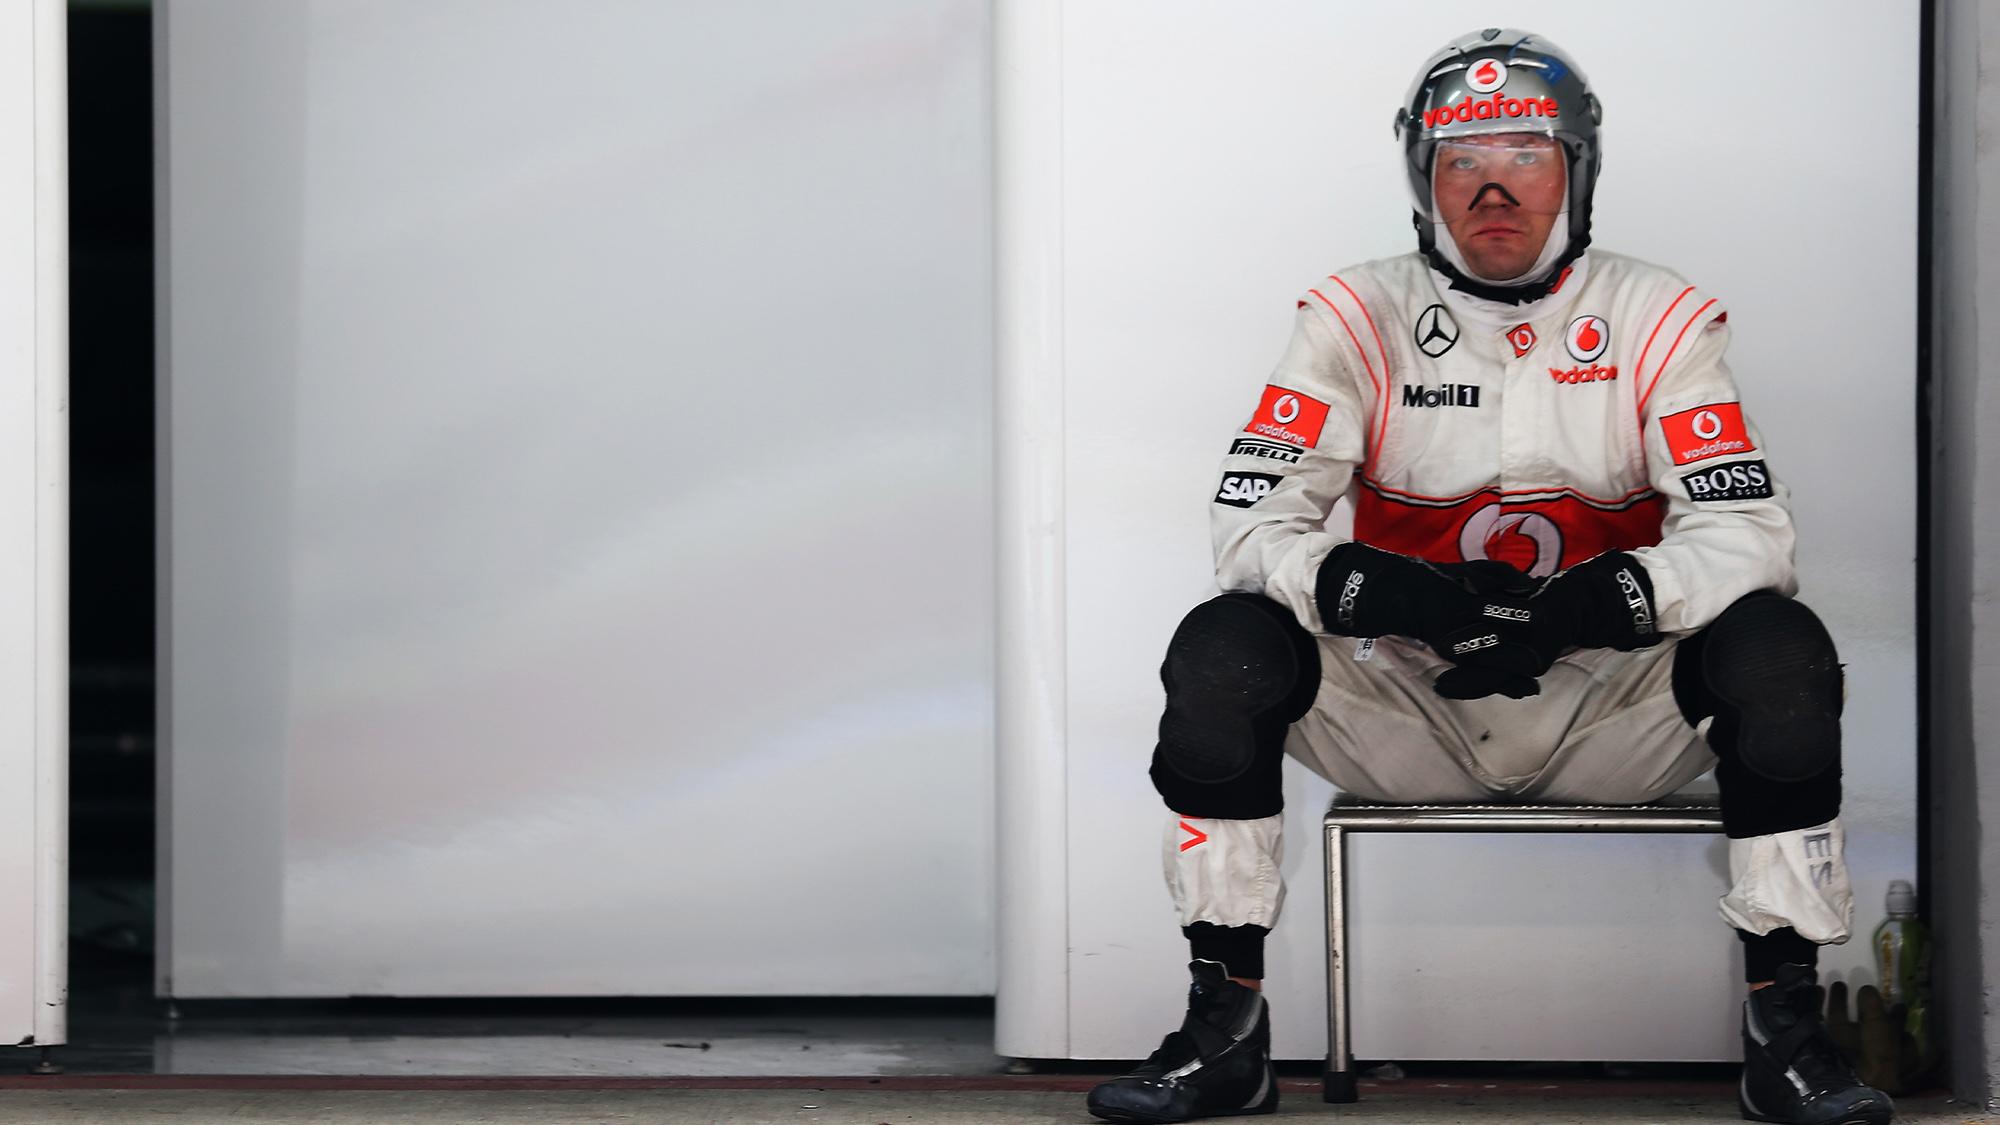 McLaren mechanic sits in the garage